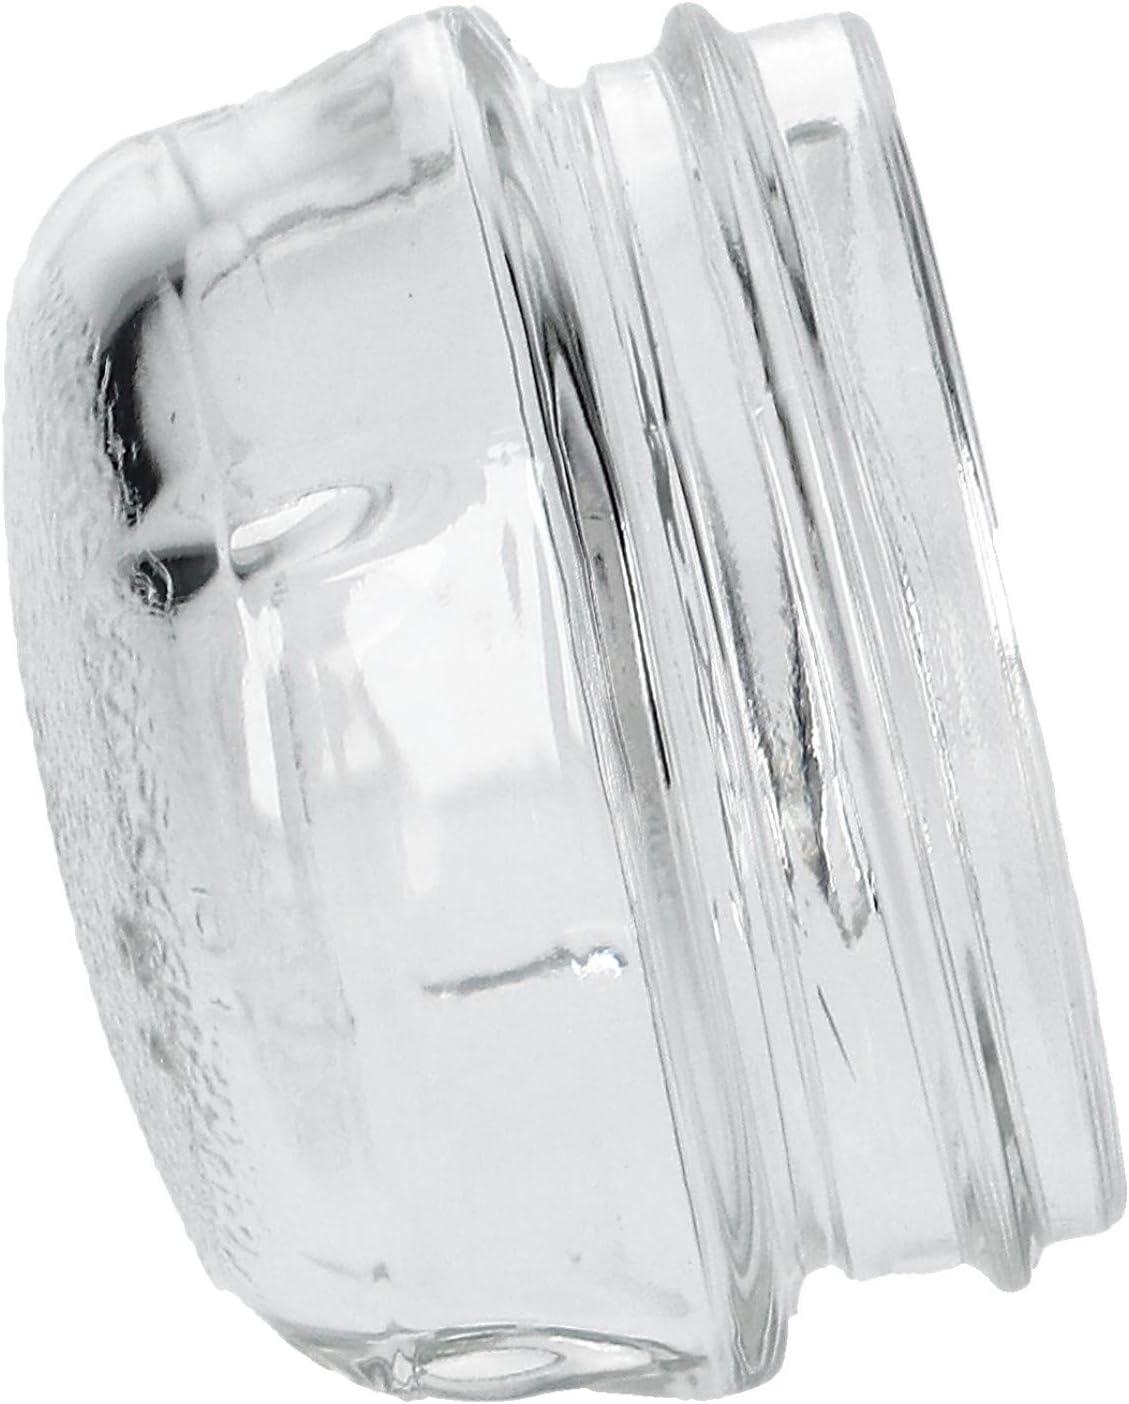 TOP Lampenabdeckung Kalotte Ø68mm Glas wie Bosch Siemens Neff 00647309 647309